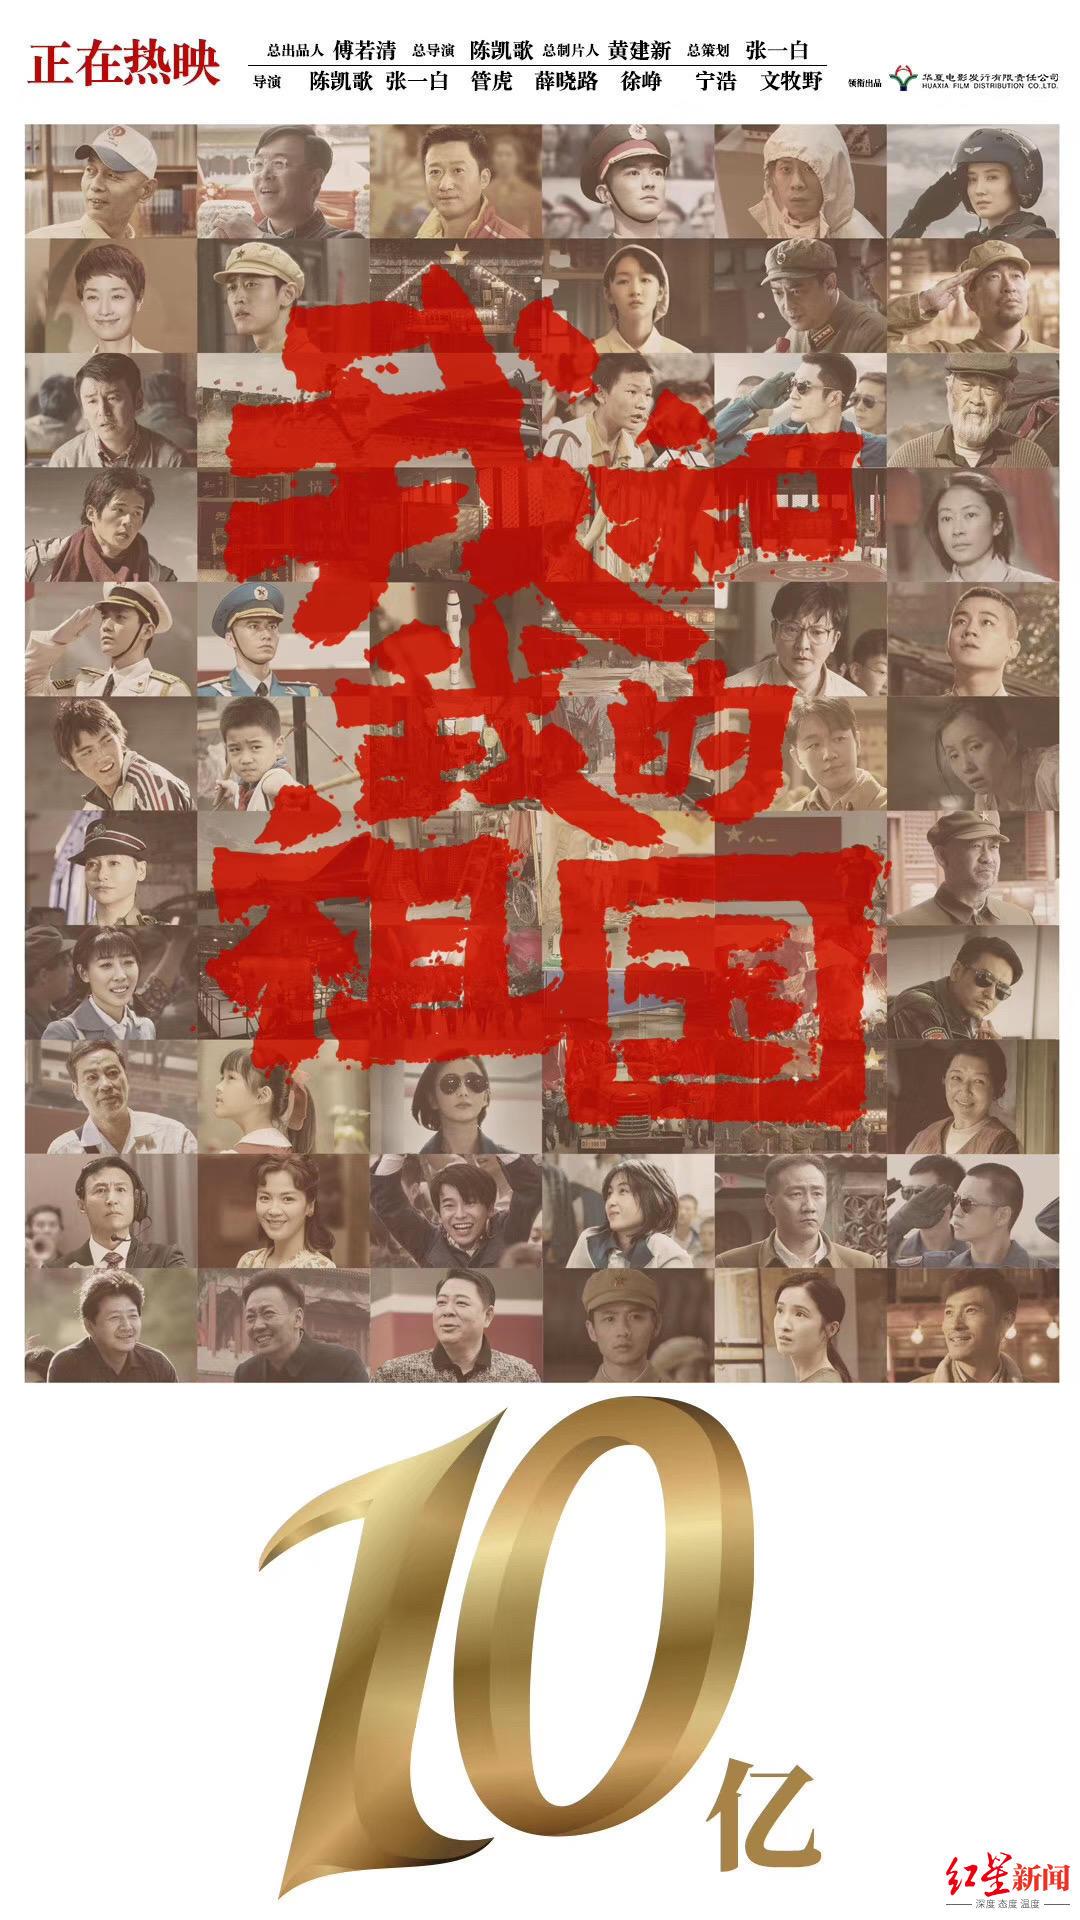 上映三天,《我和我的祖国》票房破10亿